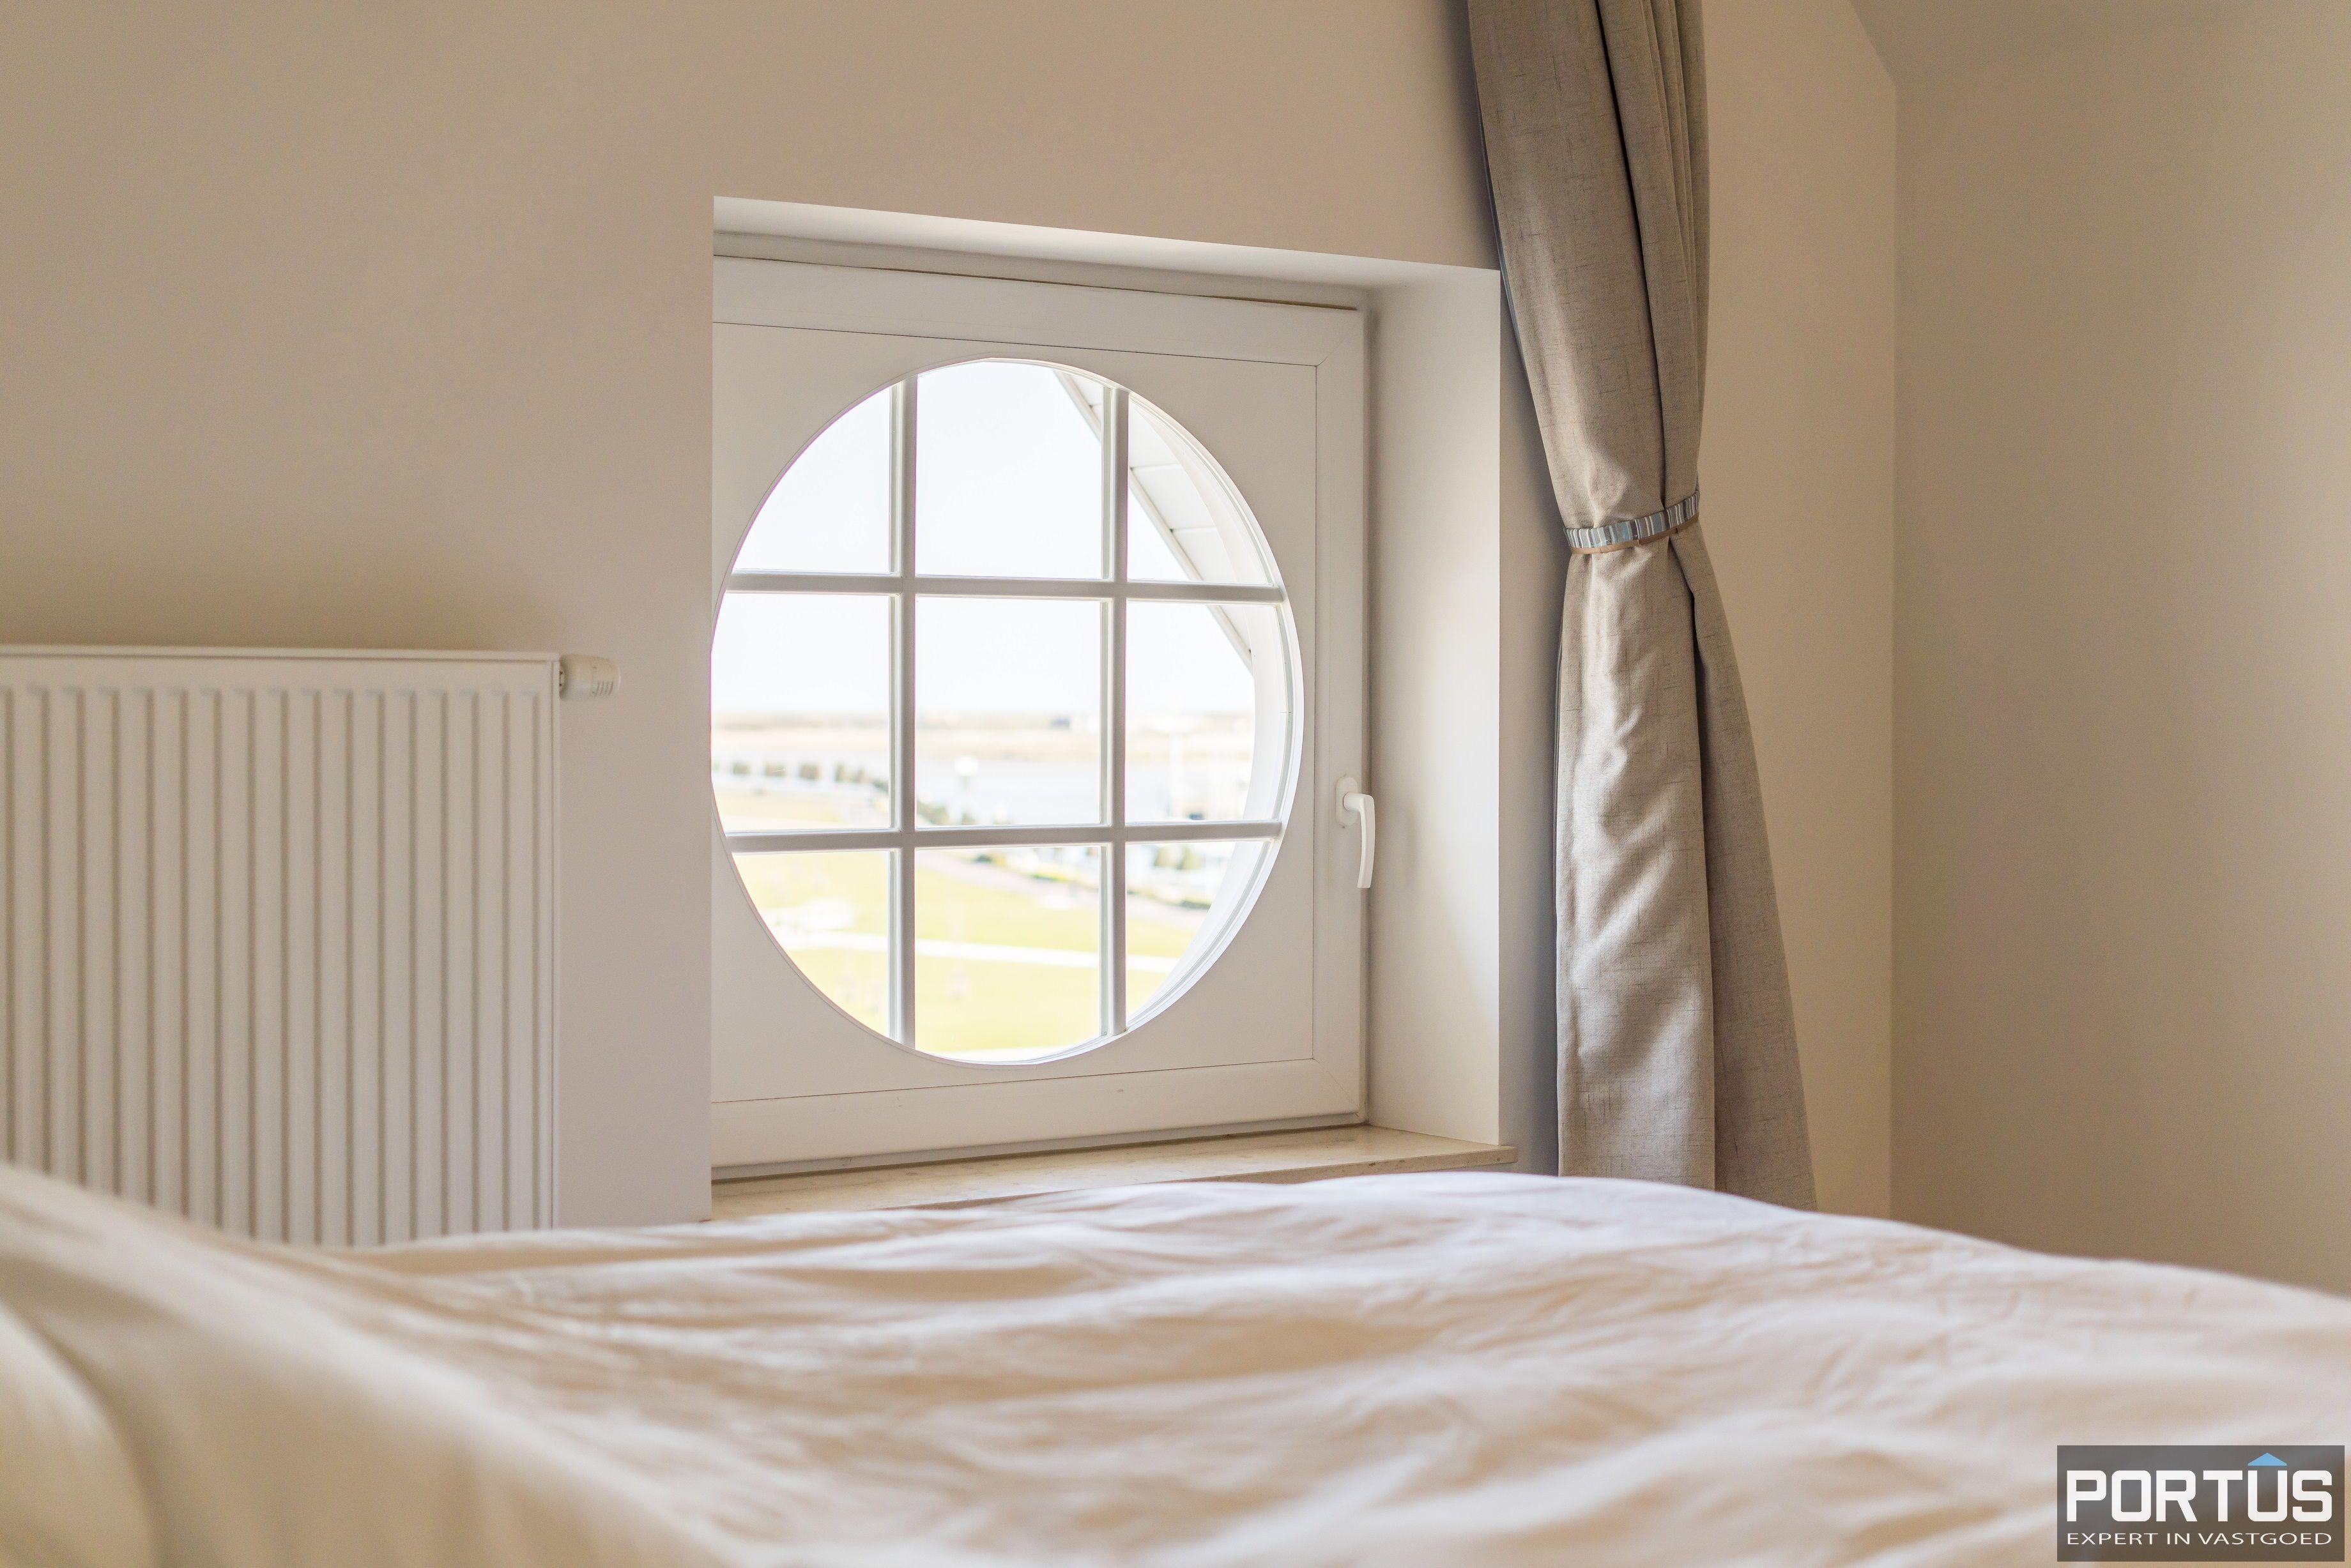 Instapklaar appartement te koop met prachtig zicht op Maritiem park te Nieuwpoort - 13314